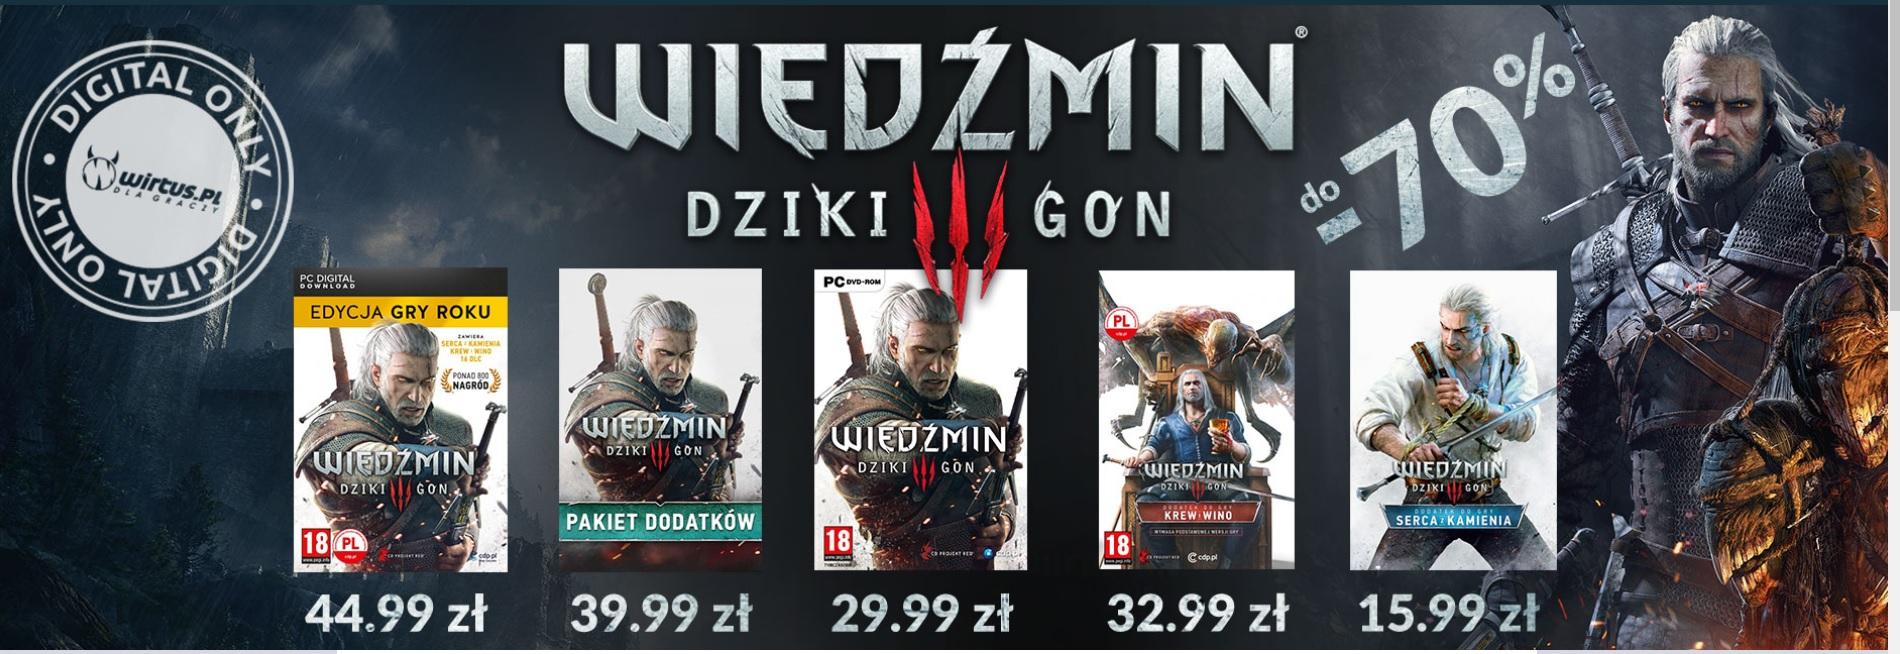 Wiedźmin 3: Dziki Gon Edycja gry roku  [PC, GOG]  Sklep Wirtus